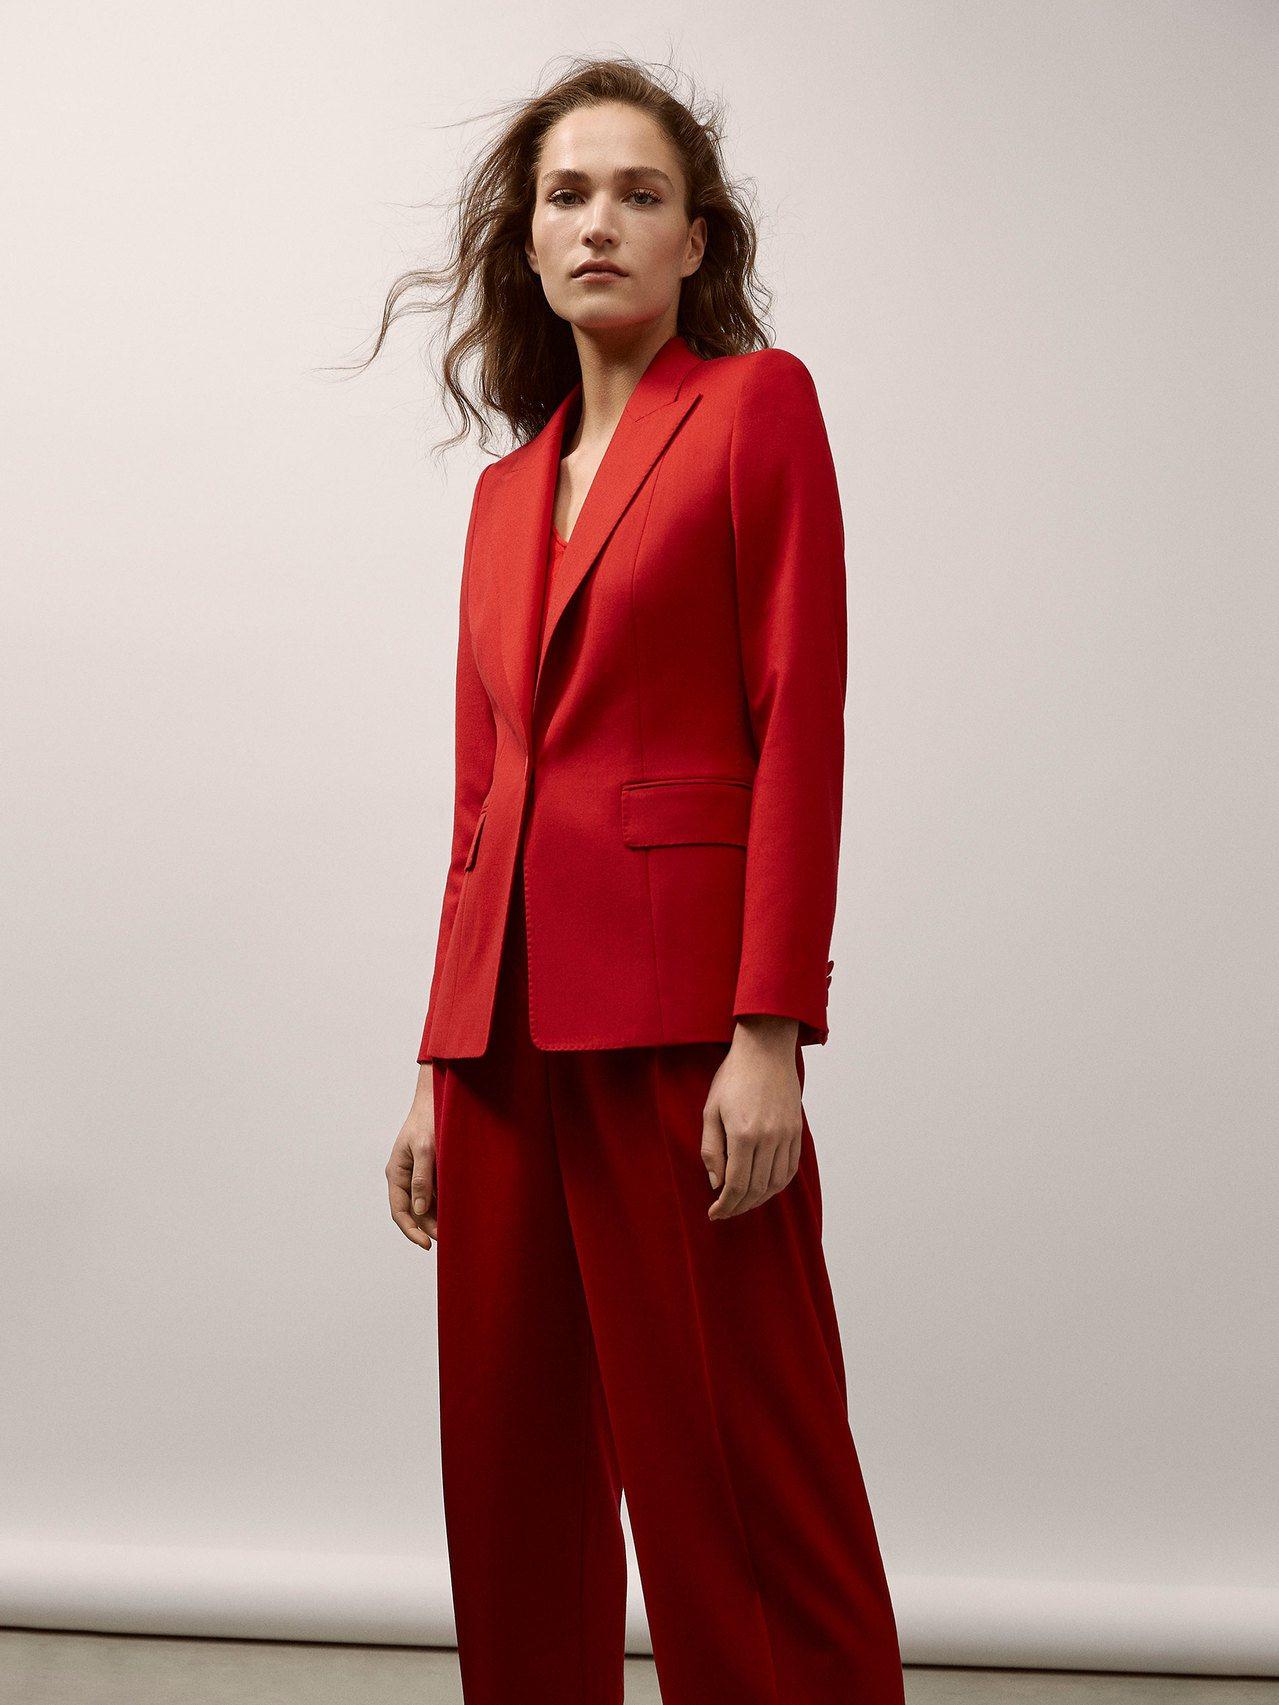 Massimo Dutti紅色羊毛西裝外套7,950元。圖/Massimo Du...